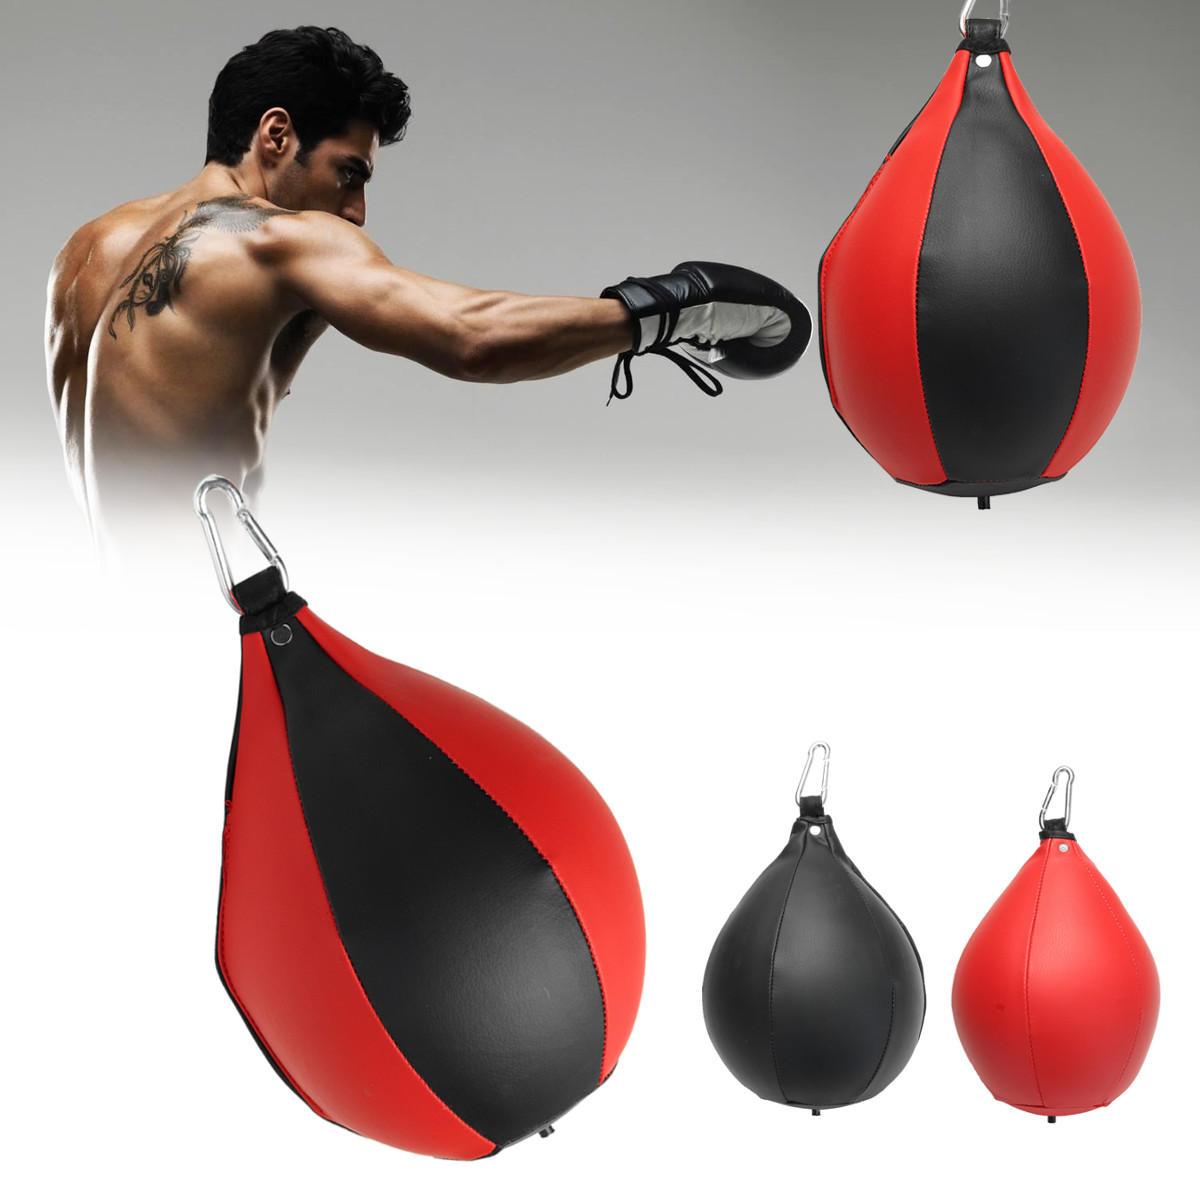 Boxeo Speed Ball Rack Hanging Ball Sanda Equipment Training Boxing Velocidad Bolsa Punching Bolsa